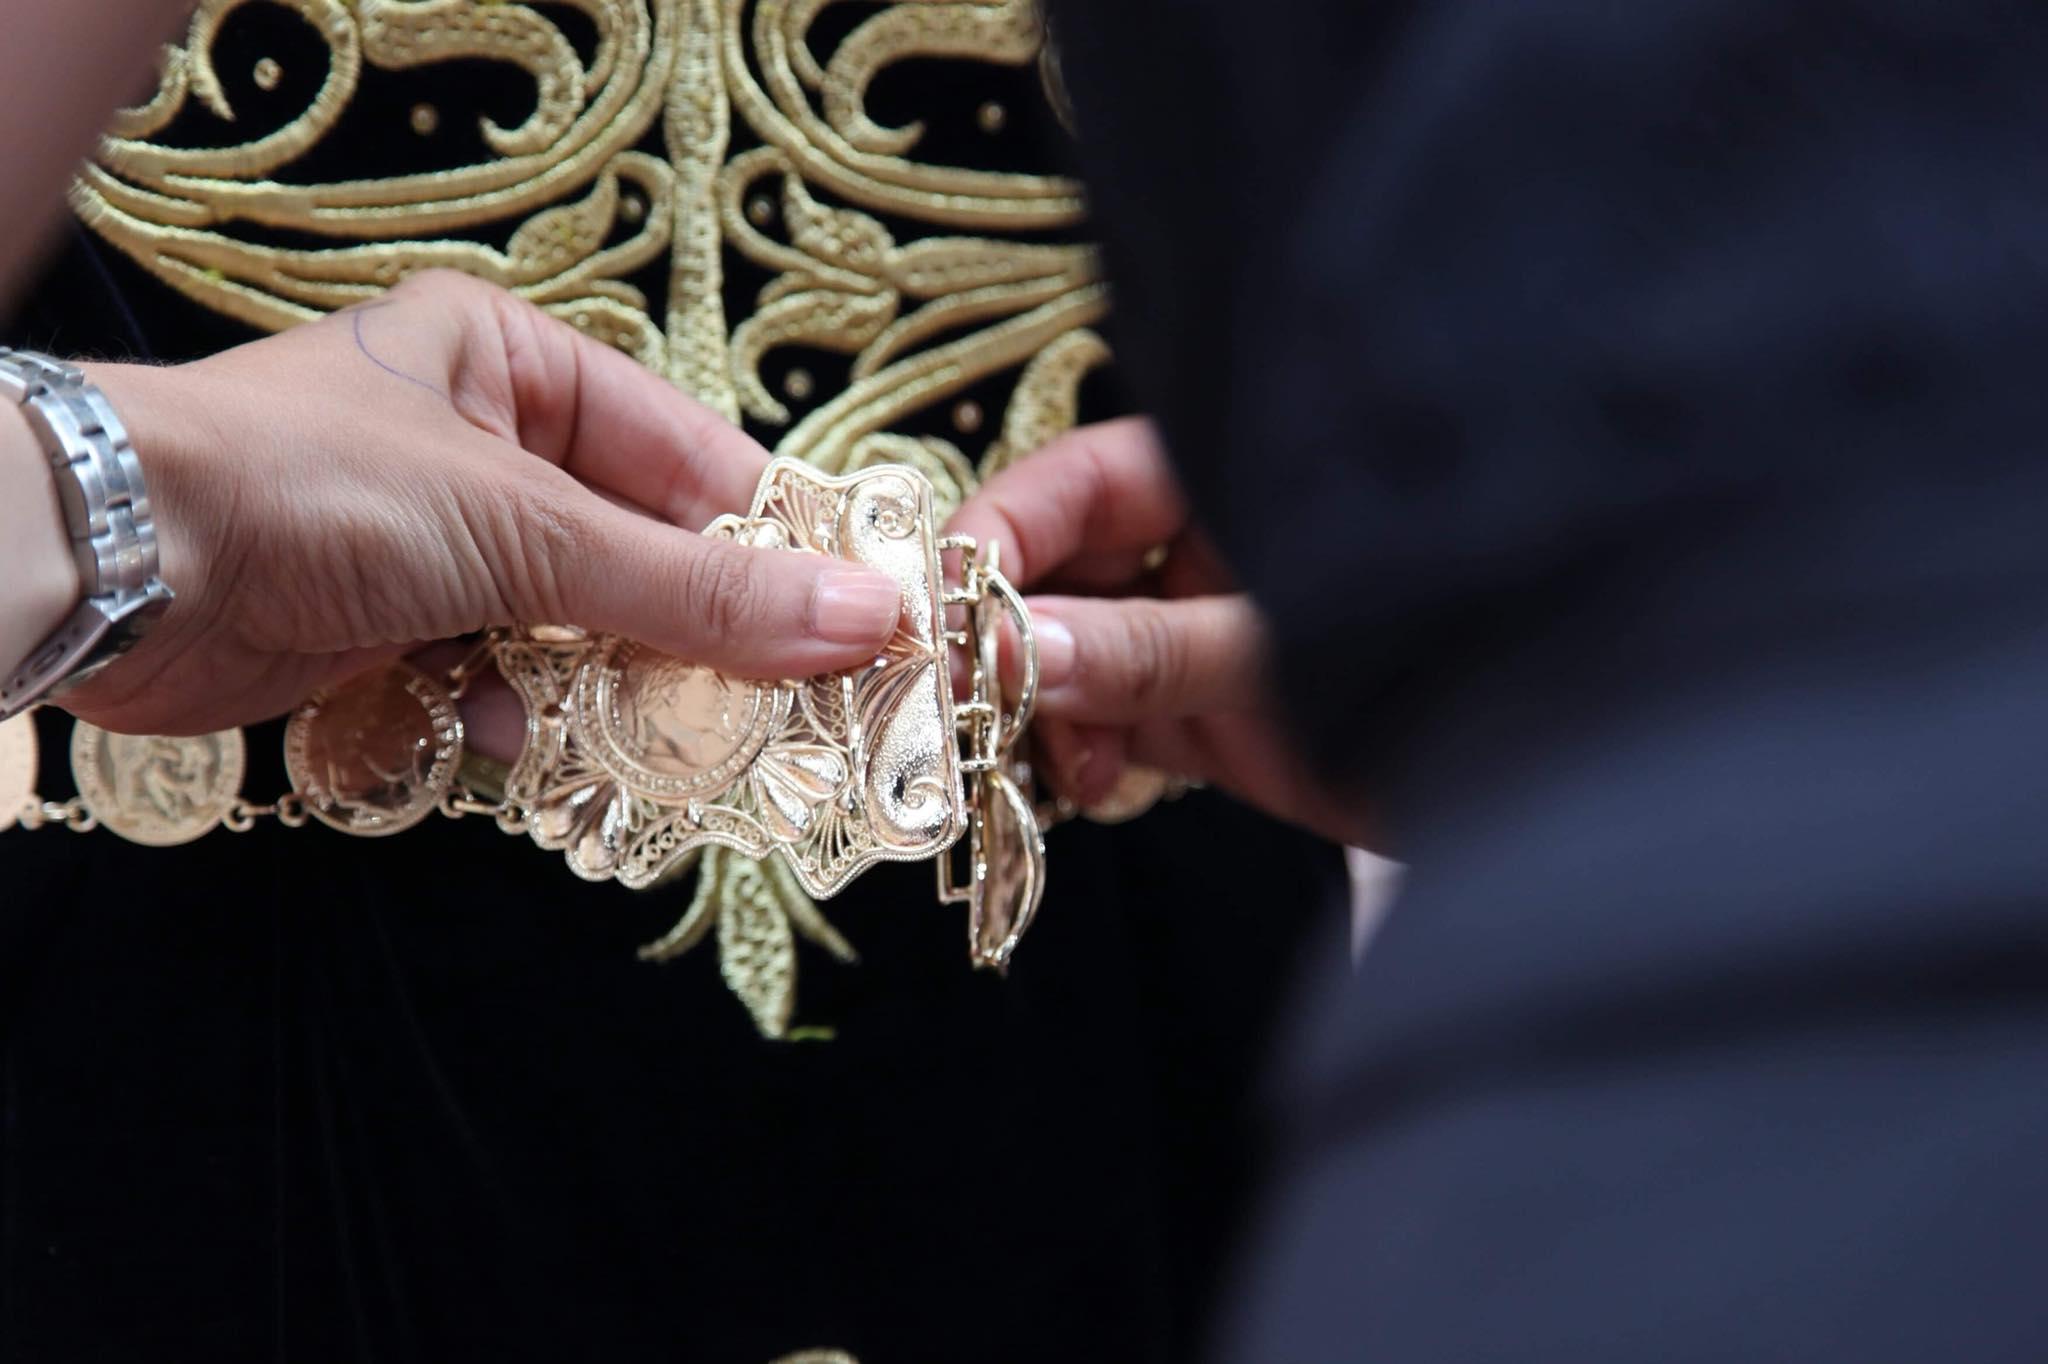 Nora Habilleuse de mariées, Kouba à Alger